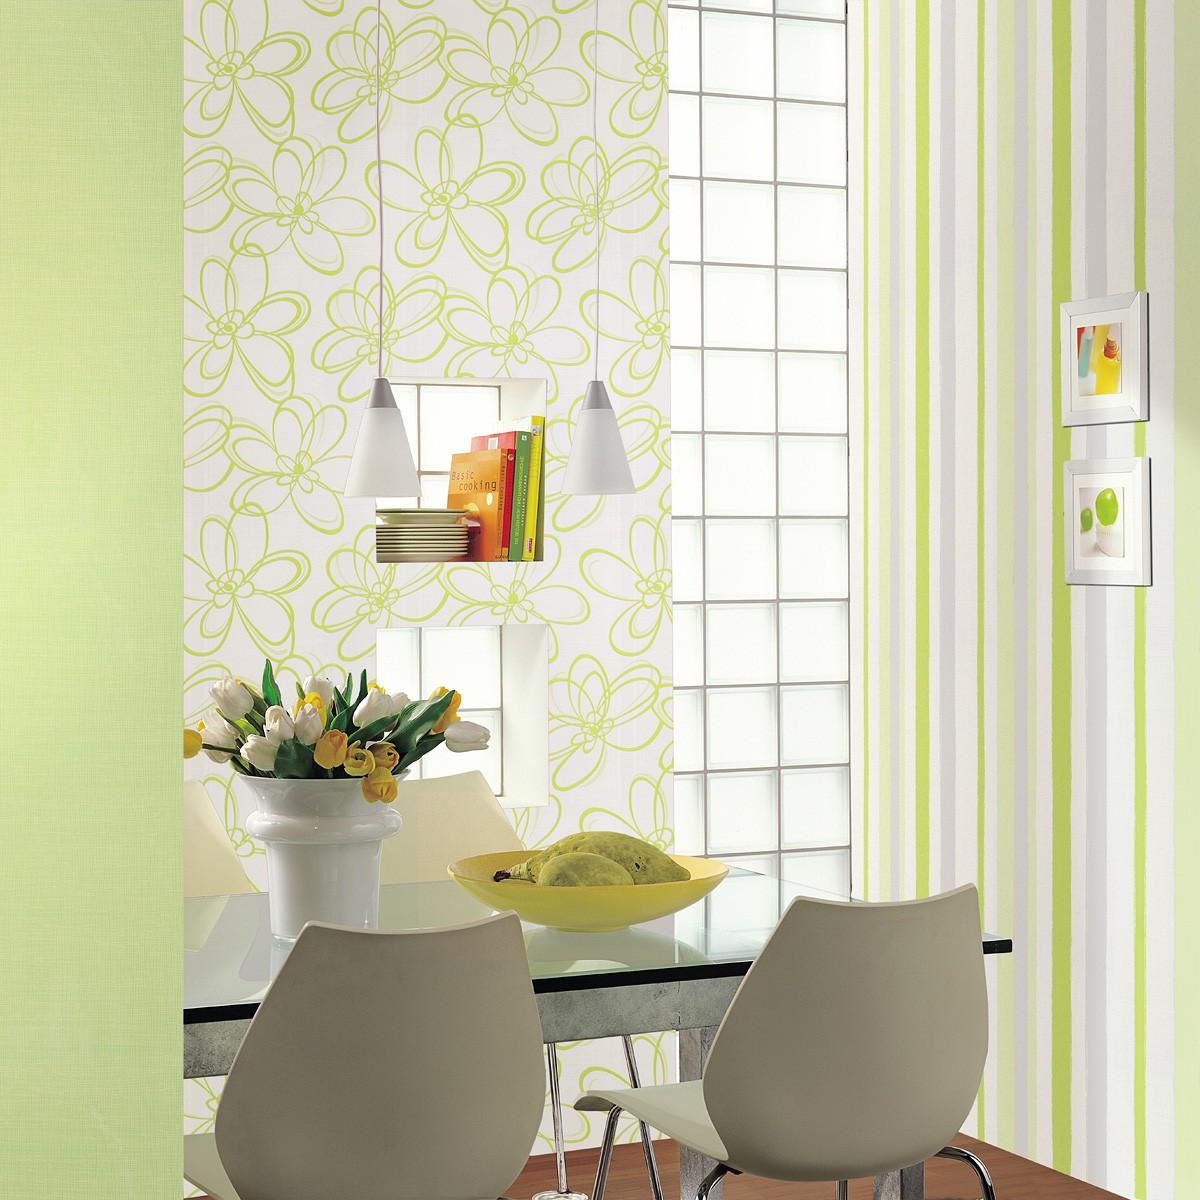 vliestapete streifen wei grau gr n tapeten marburg wohnsinn 55606. Black Bedroom Furniture Sets. Home Design Ideas